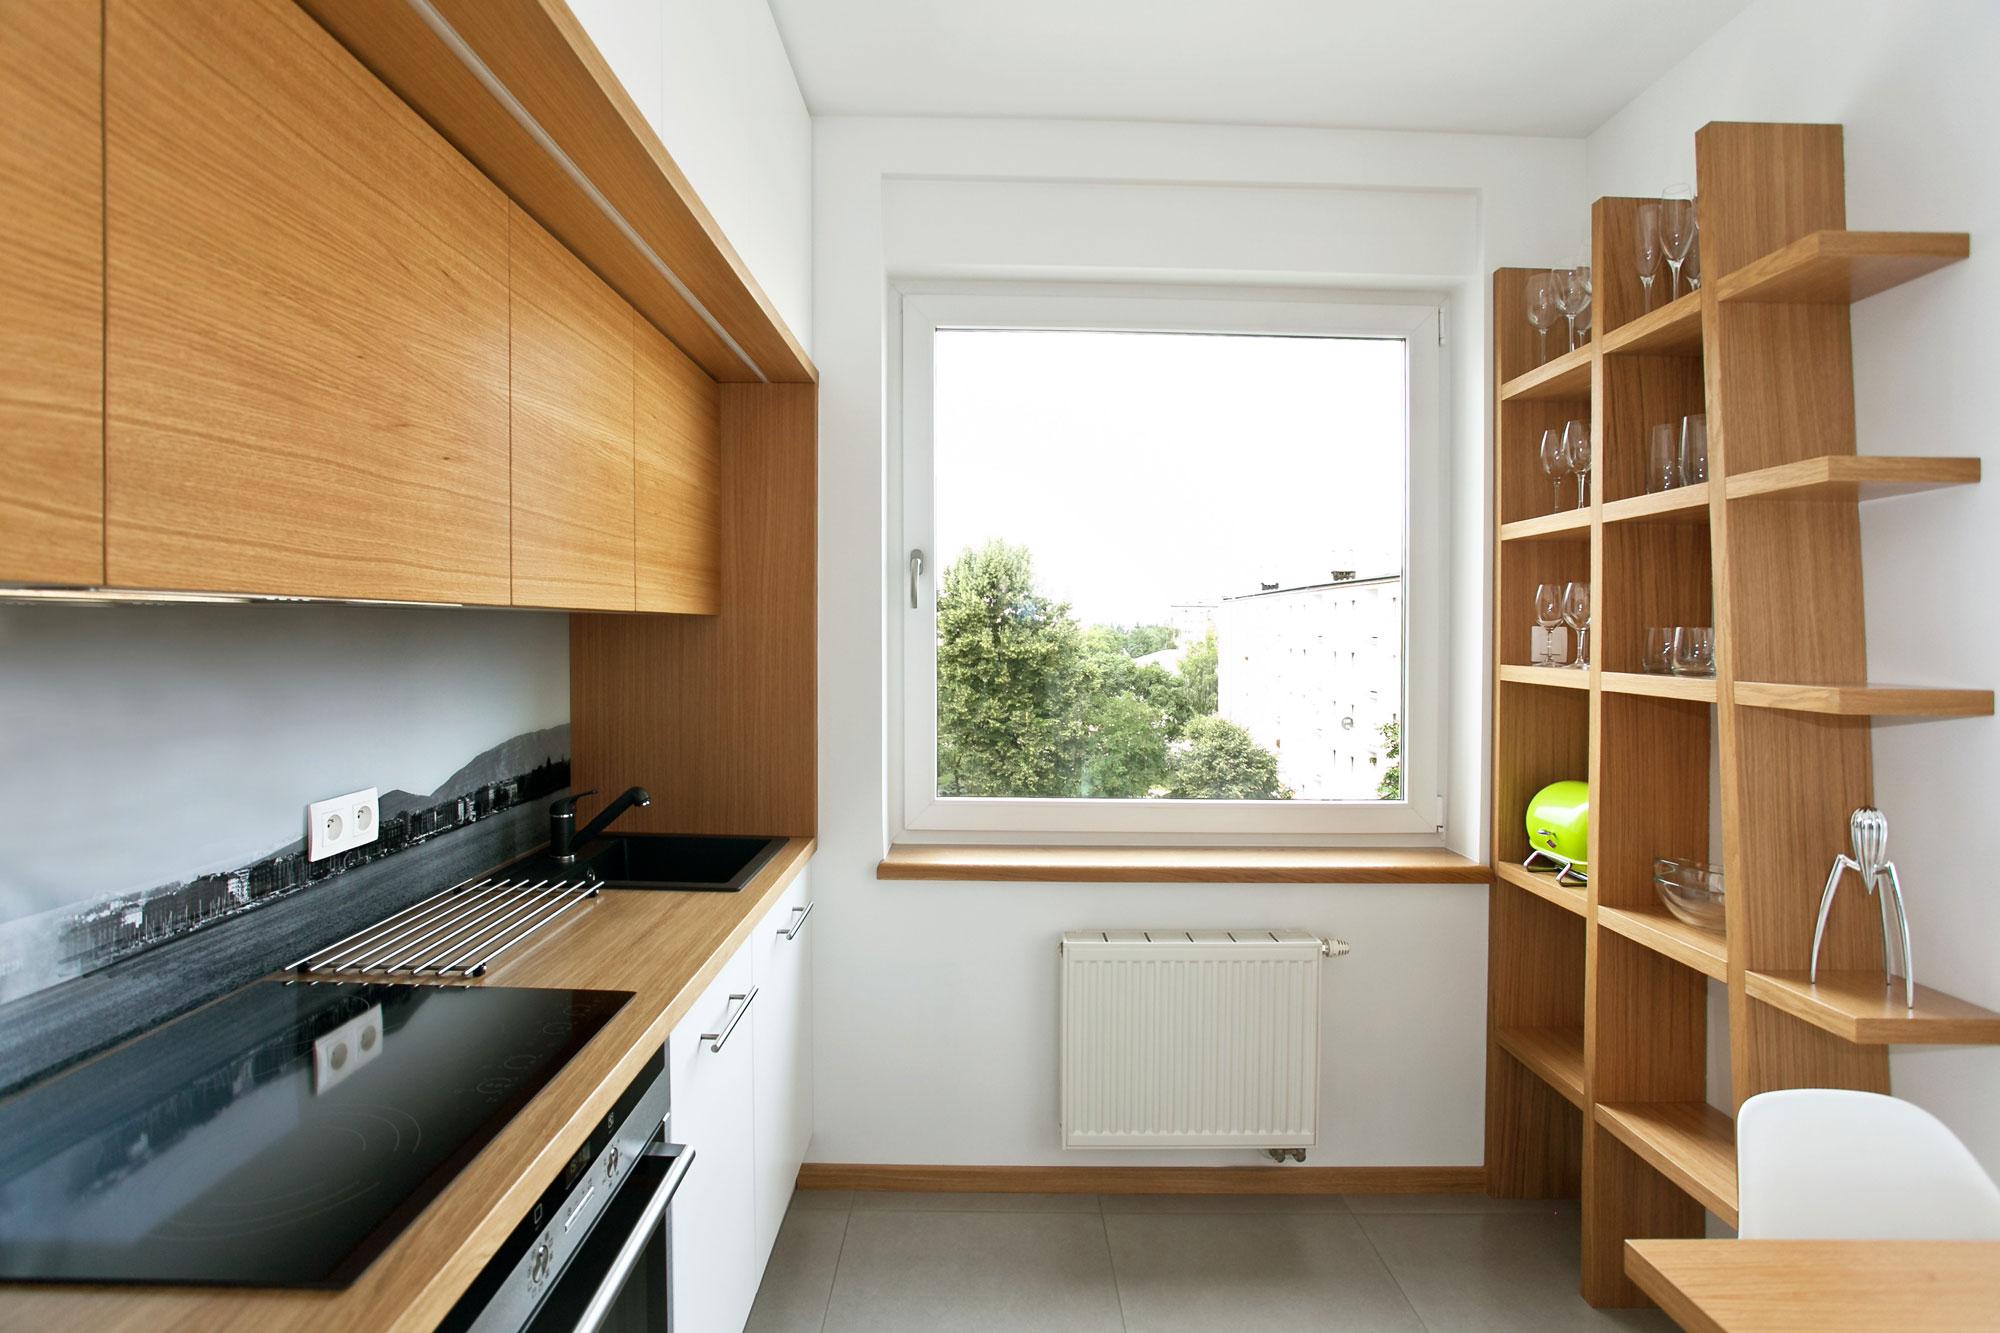 Дизайнерский интерьер небольшой кухни - фото 10